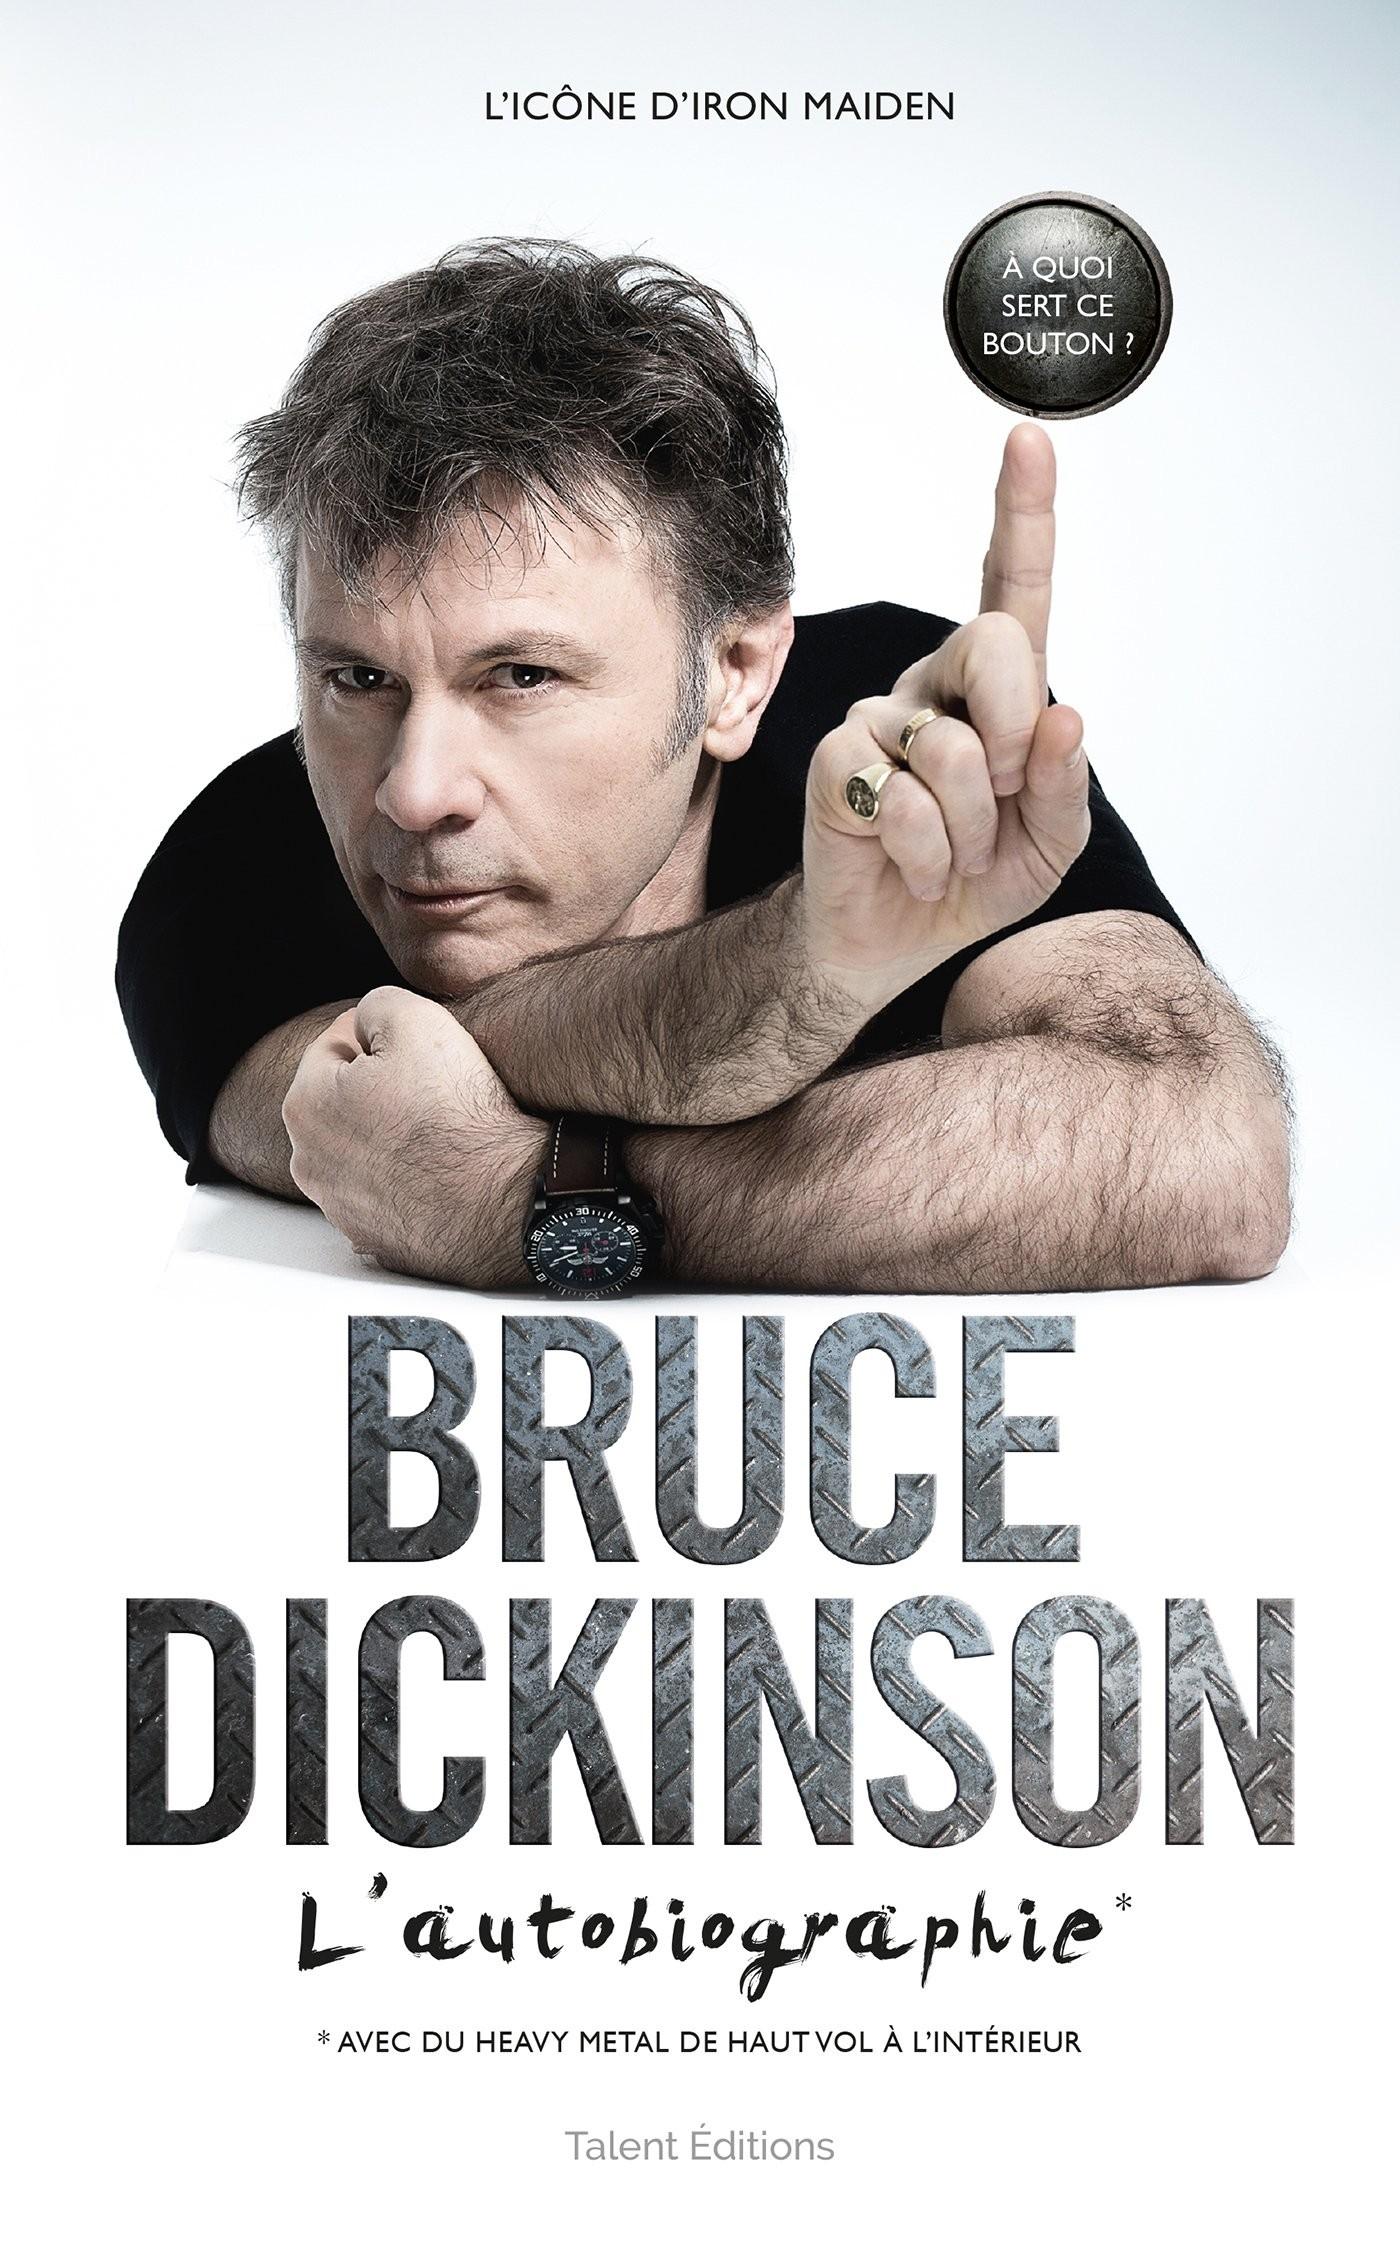 Bruce Dickinson L Autobiographie A Quoi Sert Ce Bouton Livre Volume Brutal